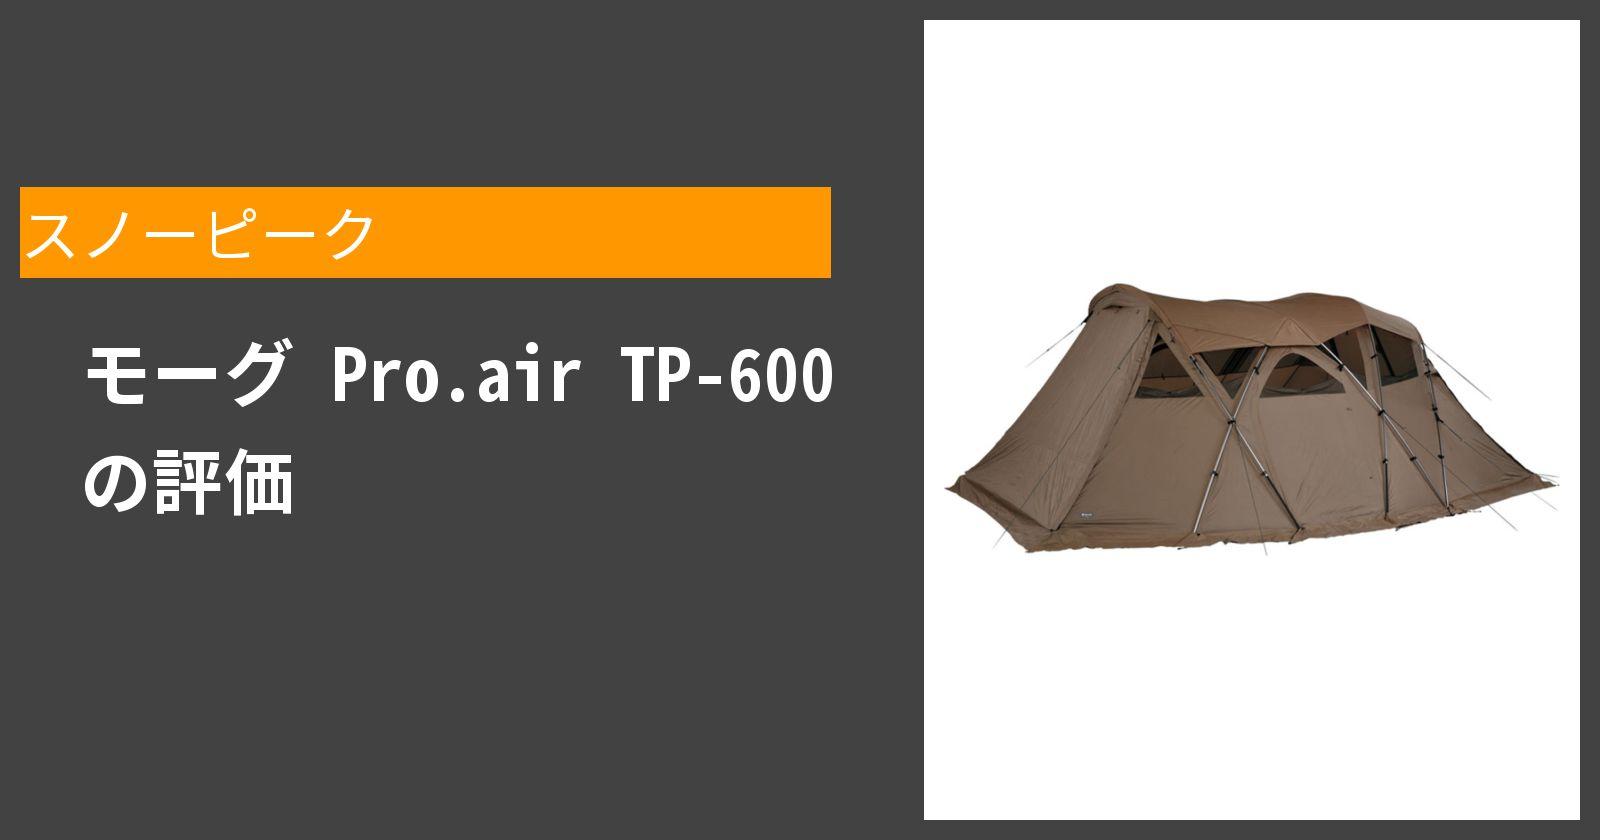 モーグ Pro.air TP-600を徹底評価